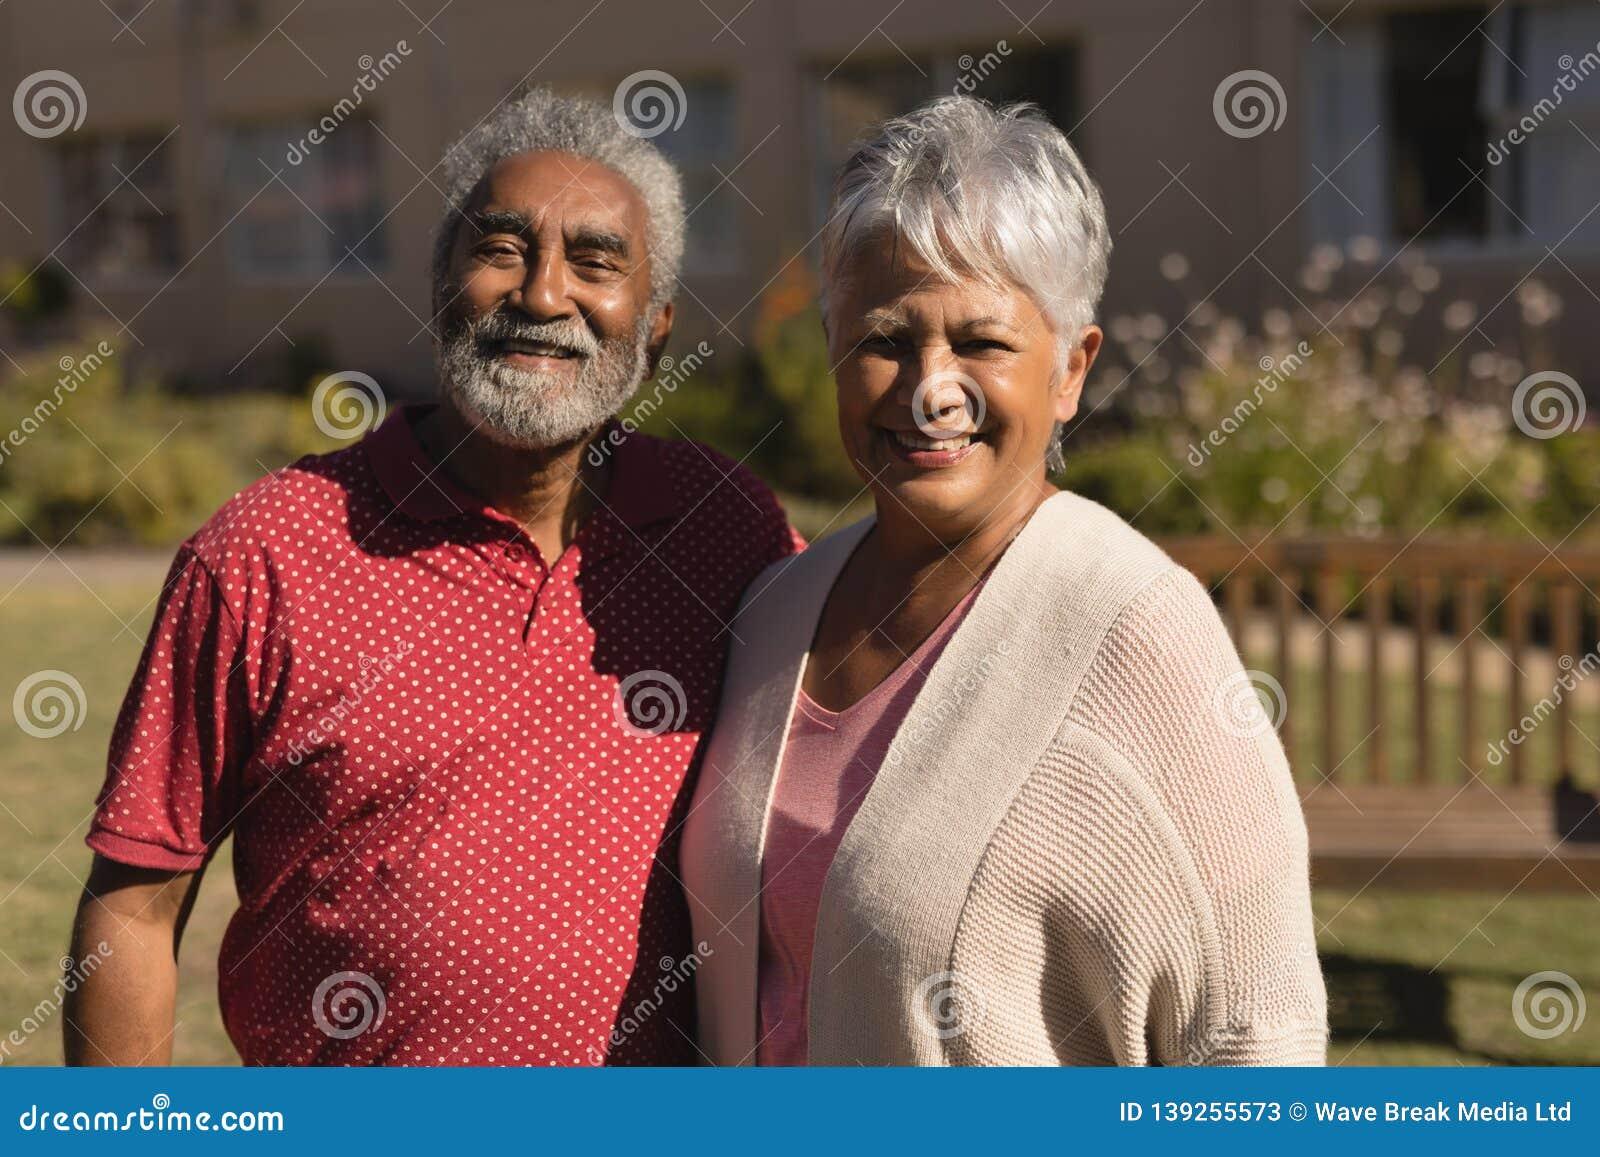 San Francisco Religious Seniors Dating Online Website